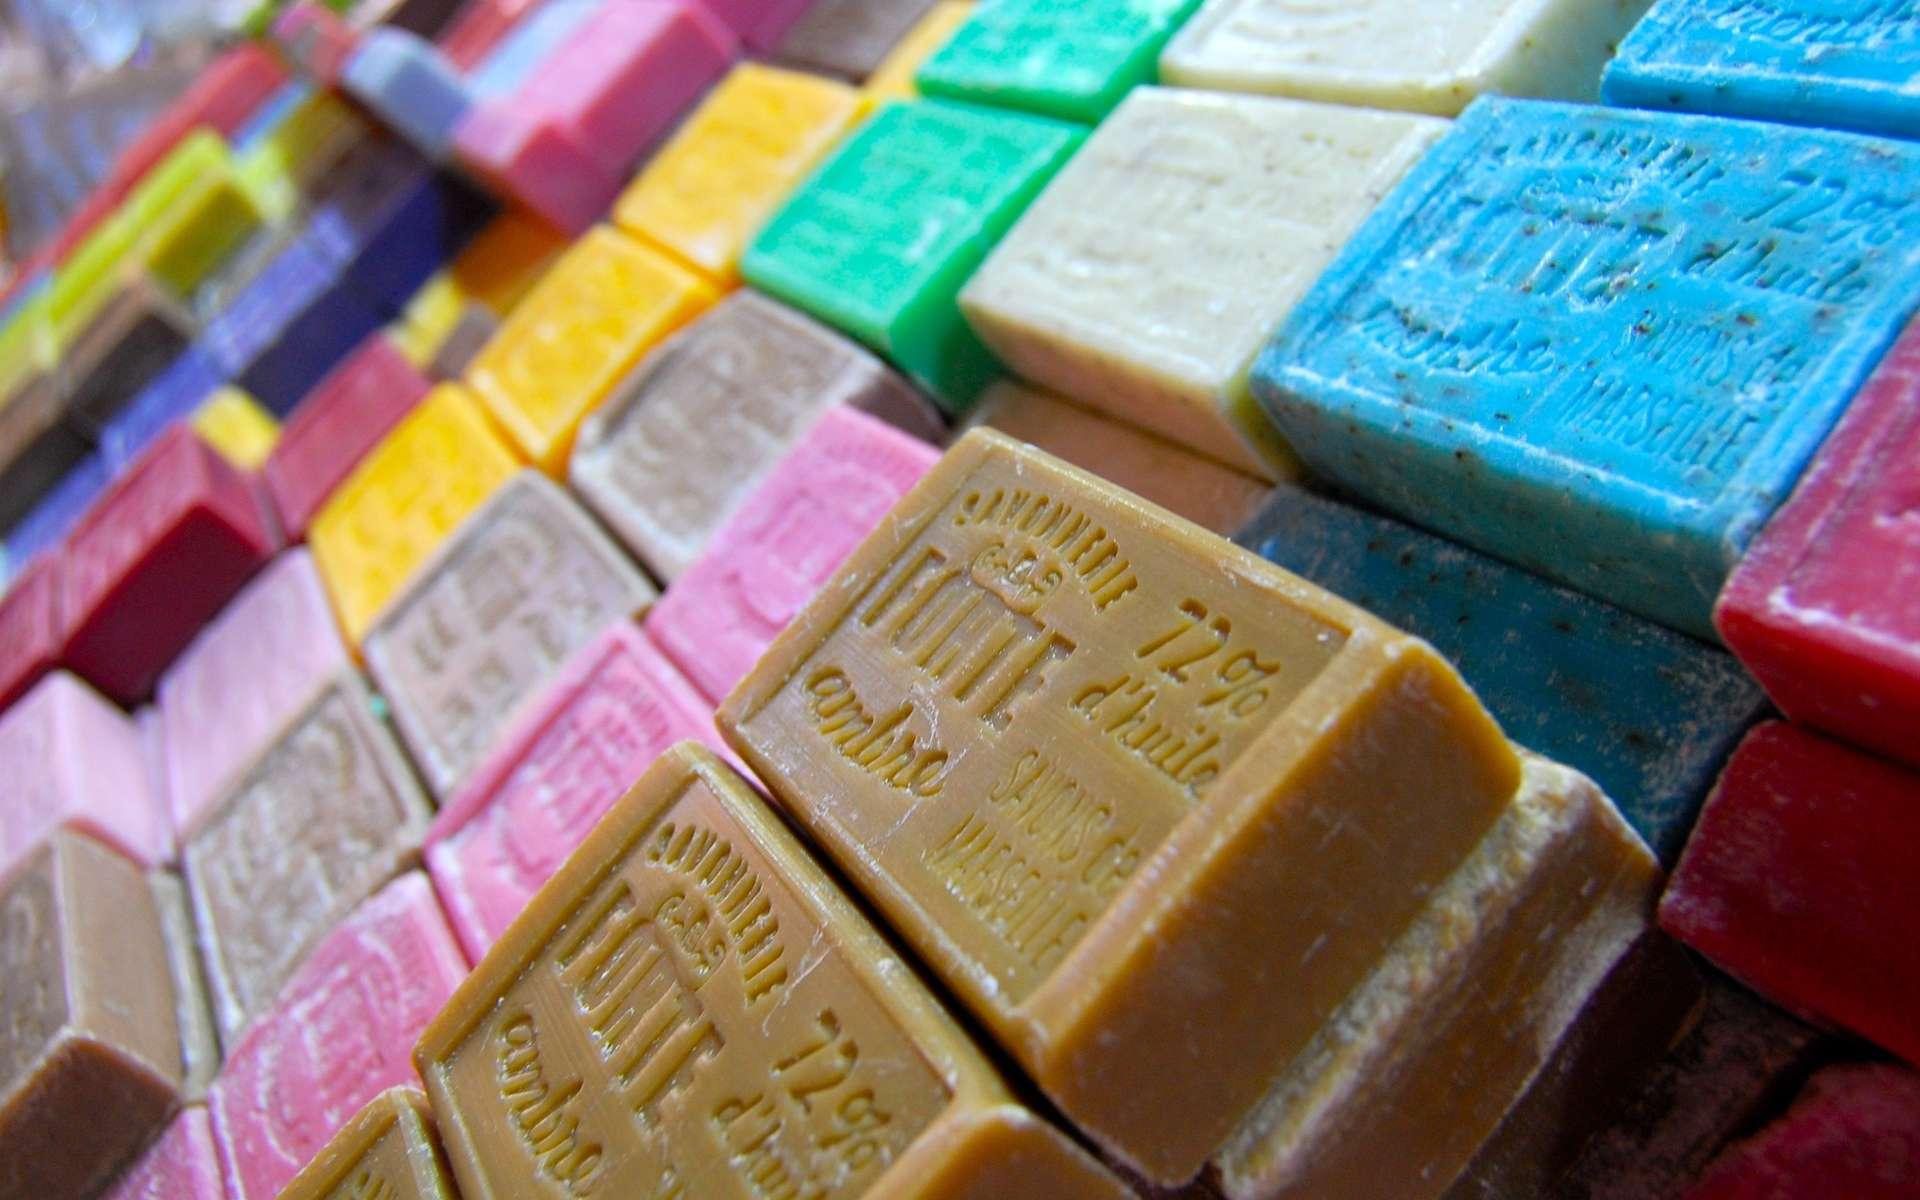 Le savon lave grâce aux propriétés hydro-lipophiles et hydro-lipophobes et lipophobes des molécules qui le constituent. © Amélien Bayle, Flickr, CC by-nc 2.0